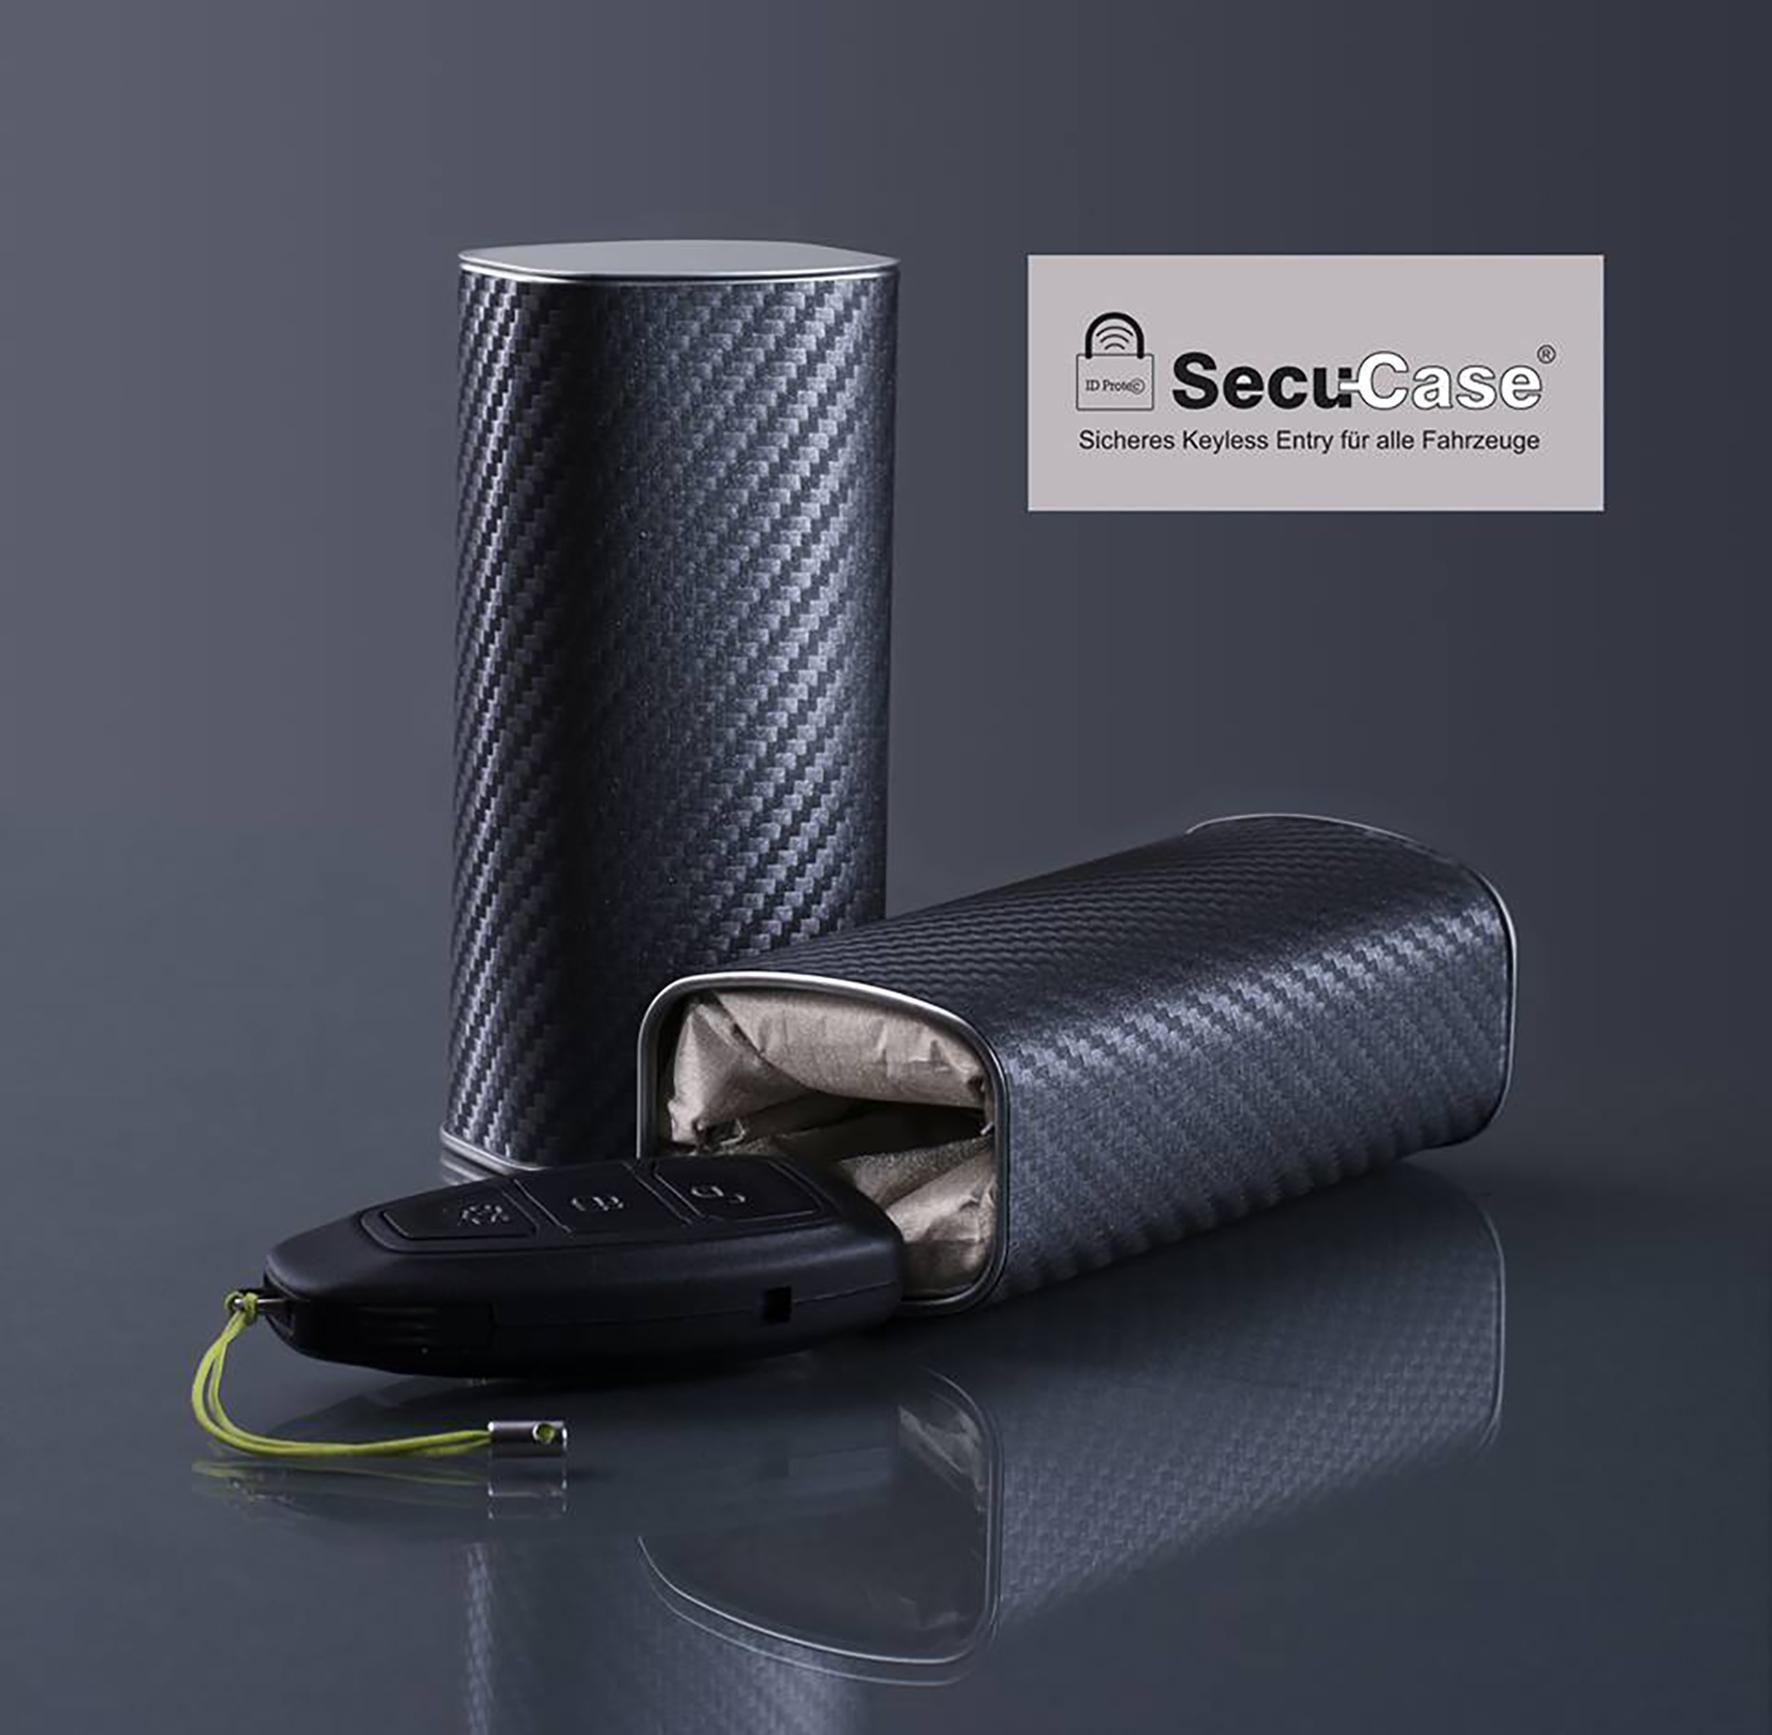 SECU-Case plus - Die Schlüsselgarage